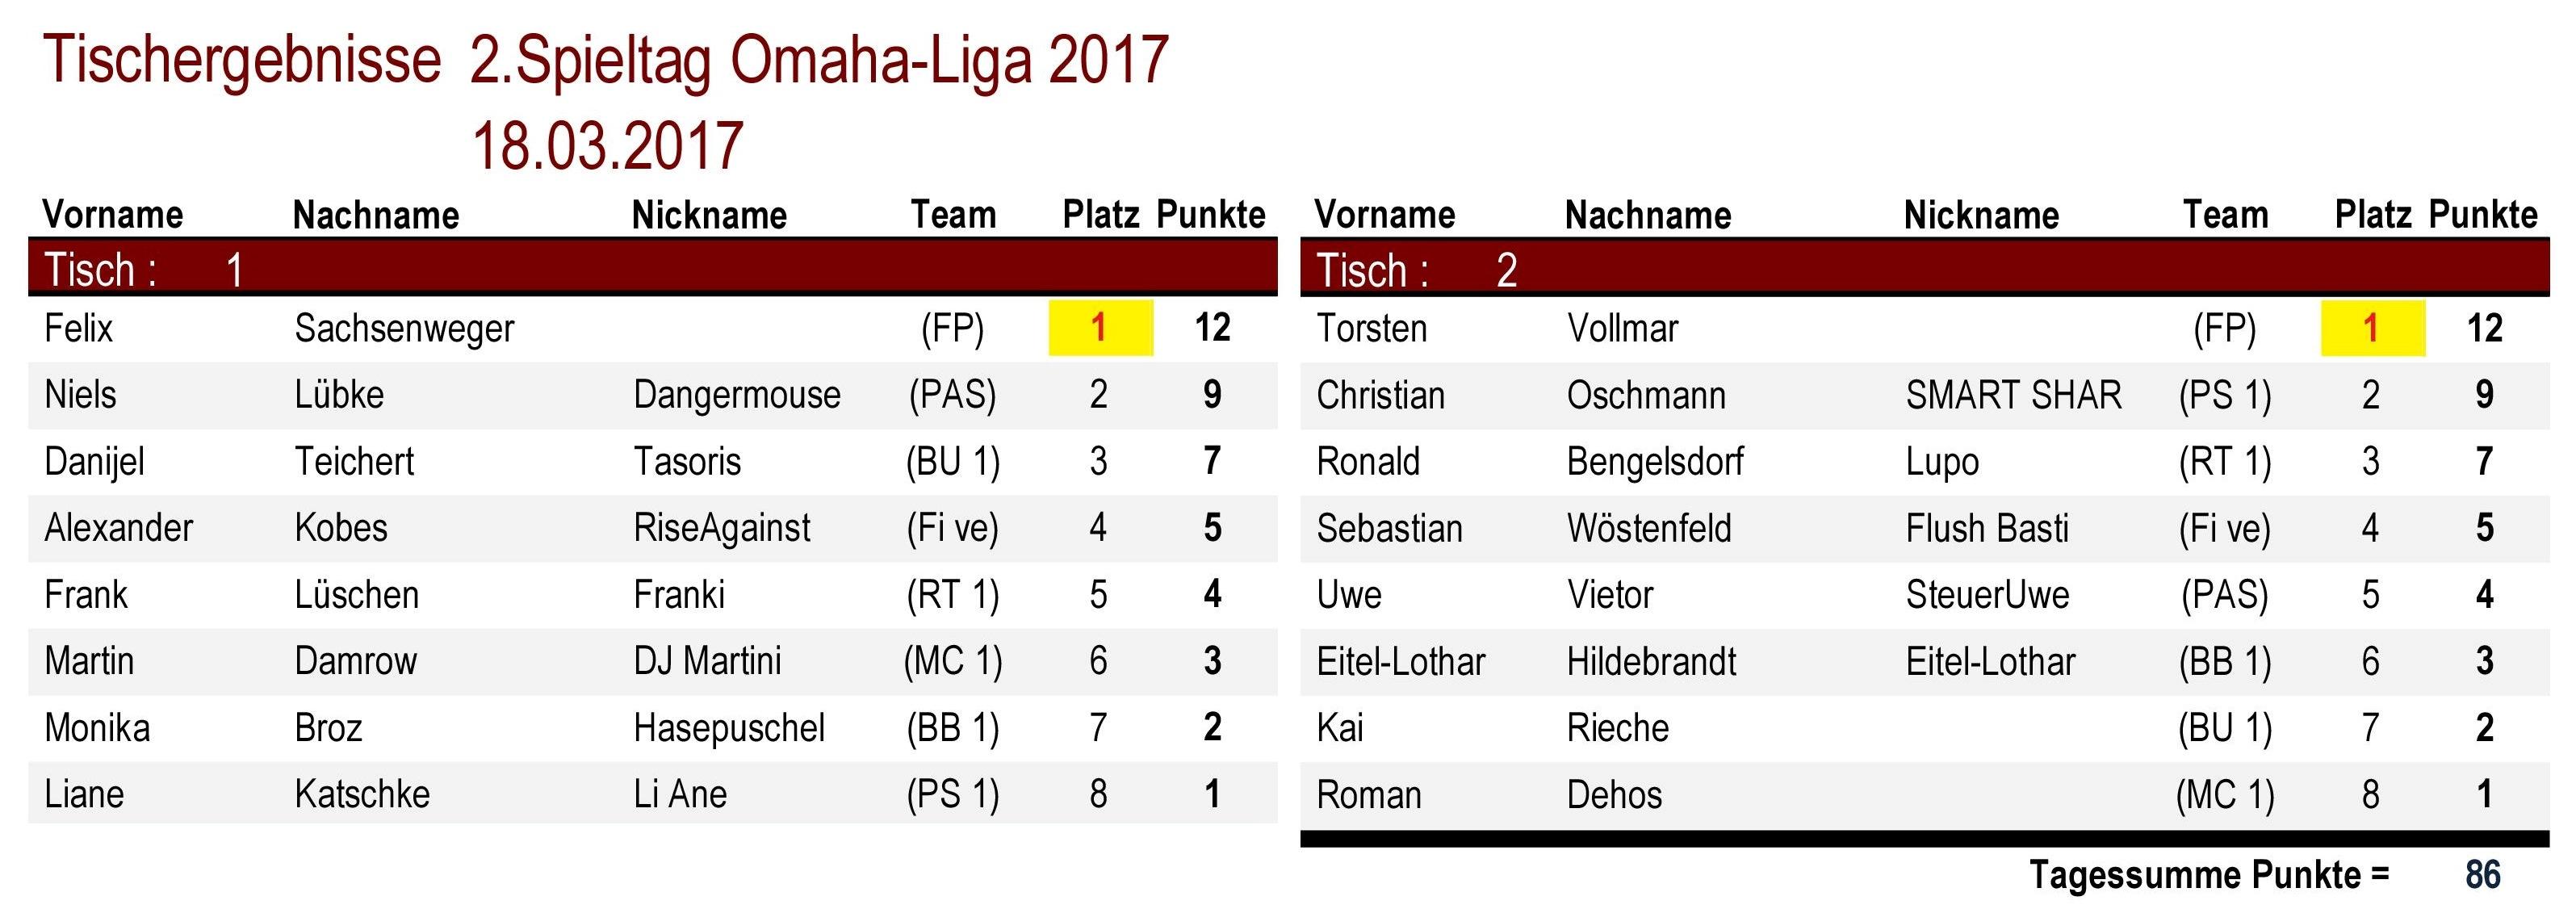 Tischergebnisse Omaha-Liga 2.Spieltag 2017